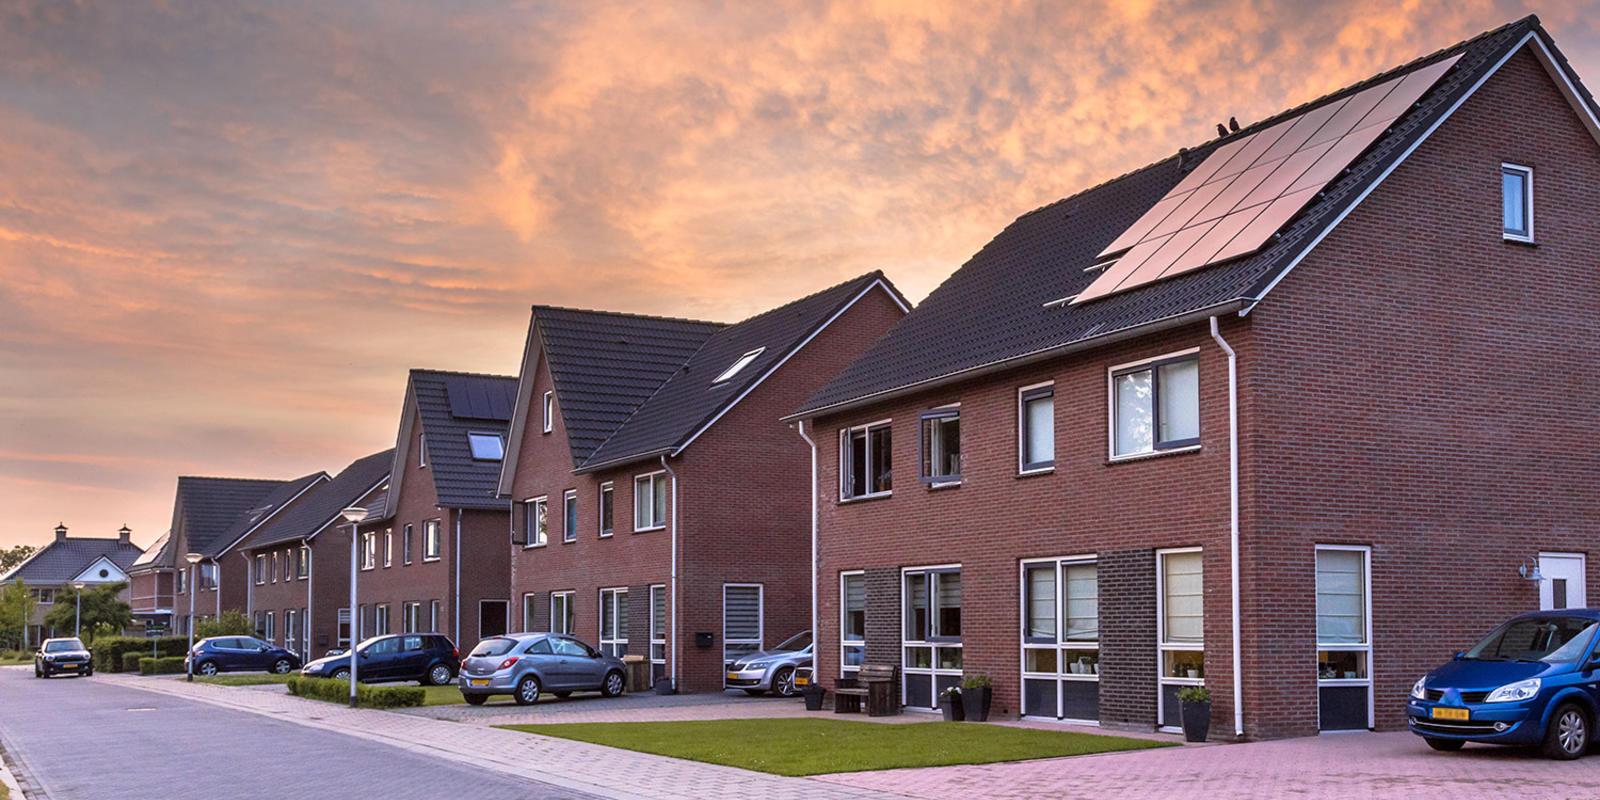 zonnepanelen zelf monteren of uitbesteden